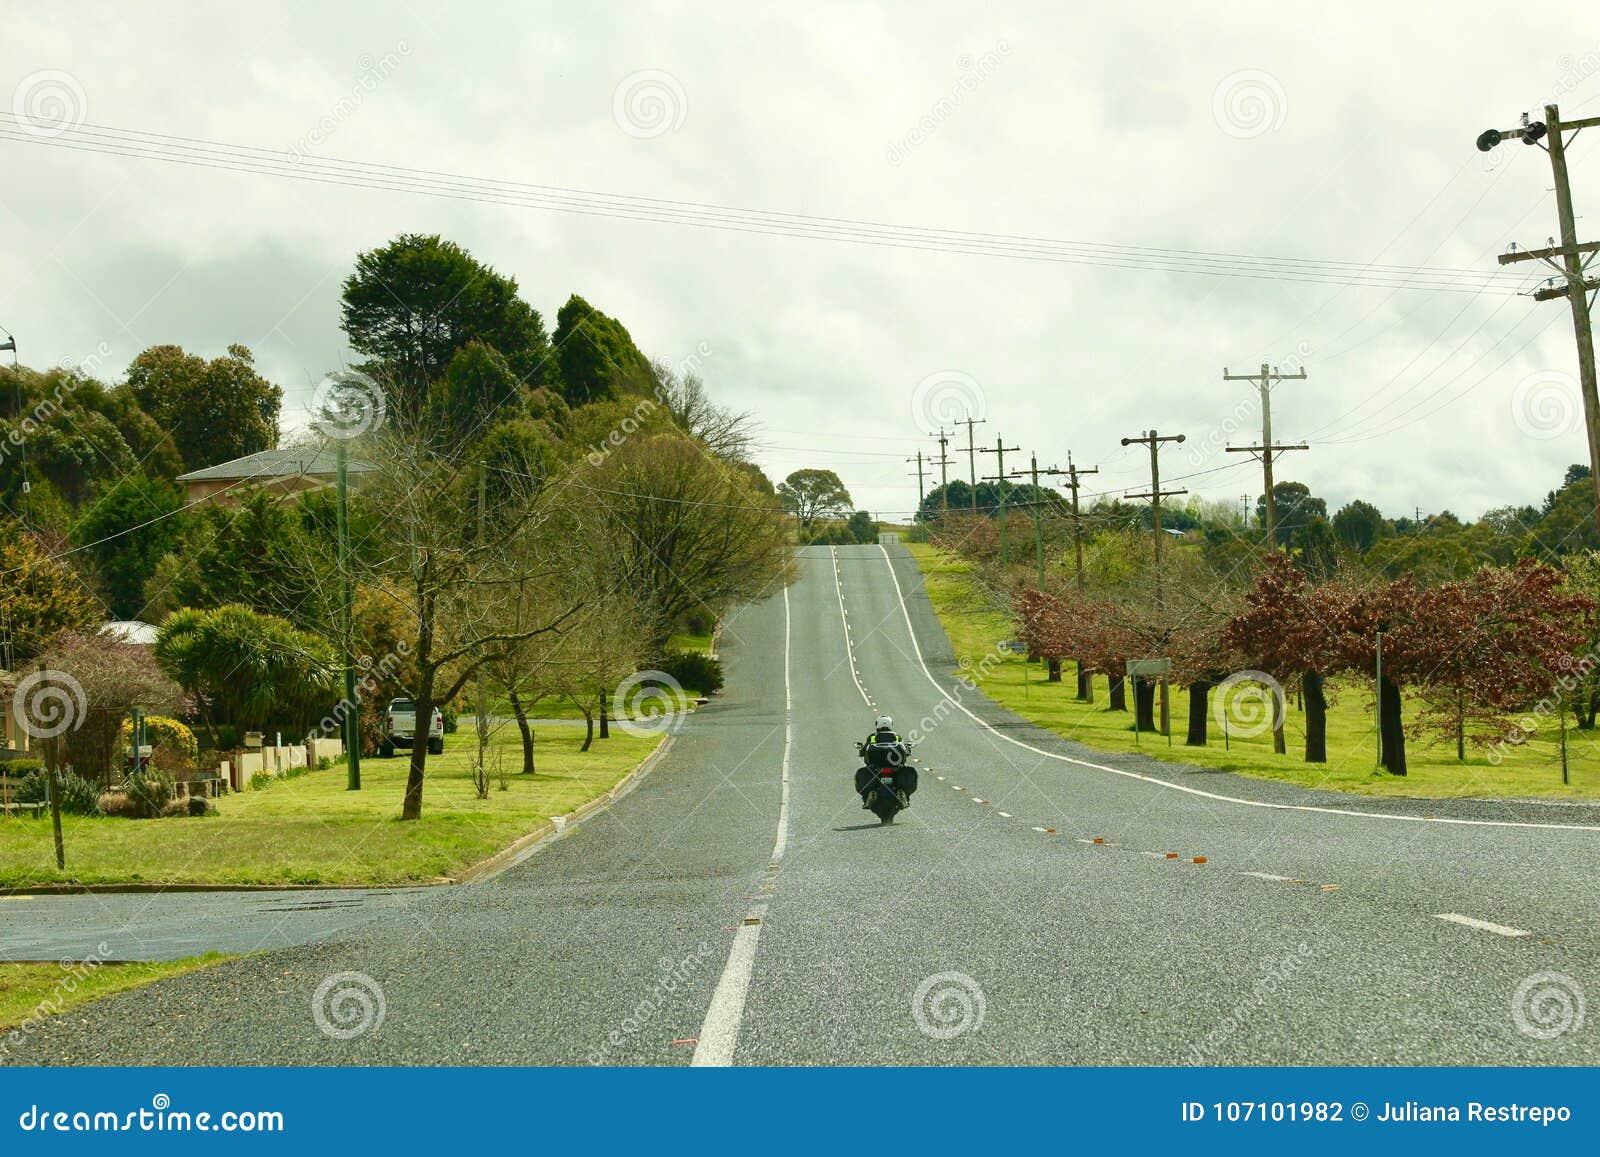 Над 120 km/h быстро пройдите фото на дороге